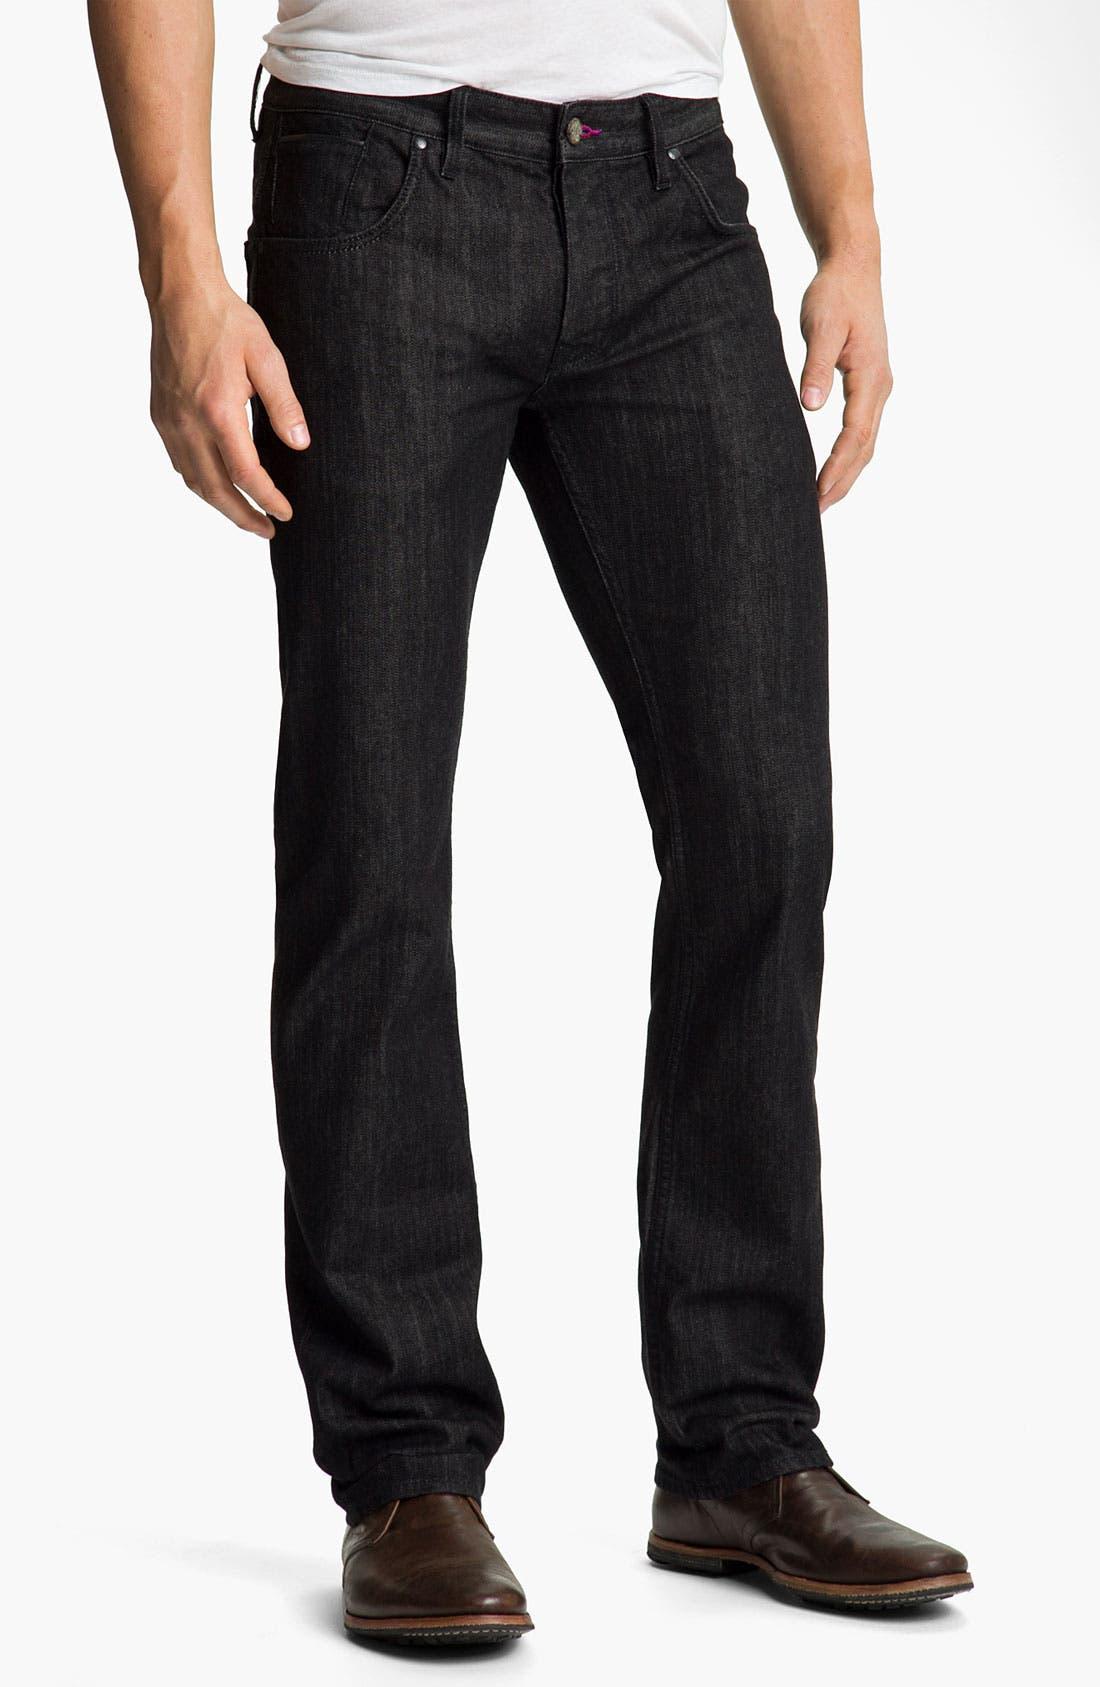 Alternate Image 1 Selected - Robert Graham Jeans 'Noir' Straight Leg Jeans